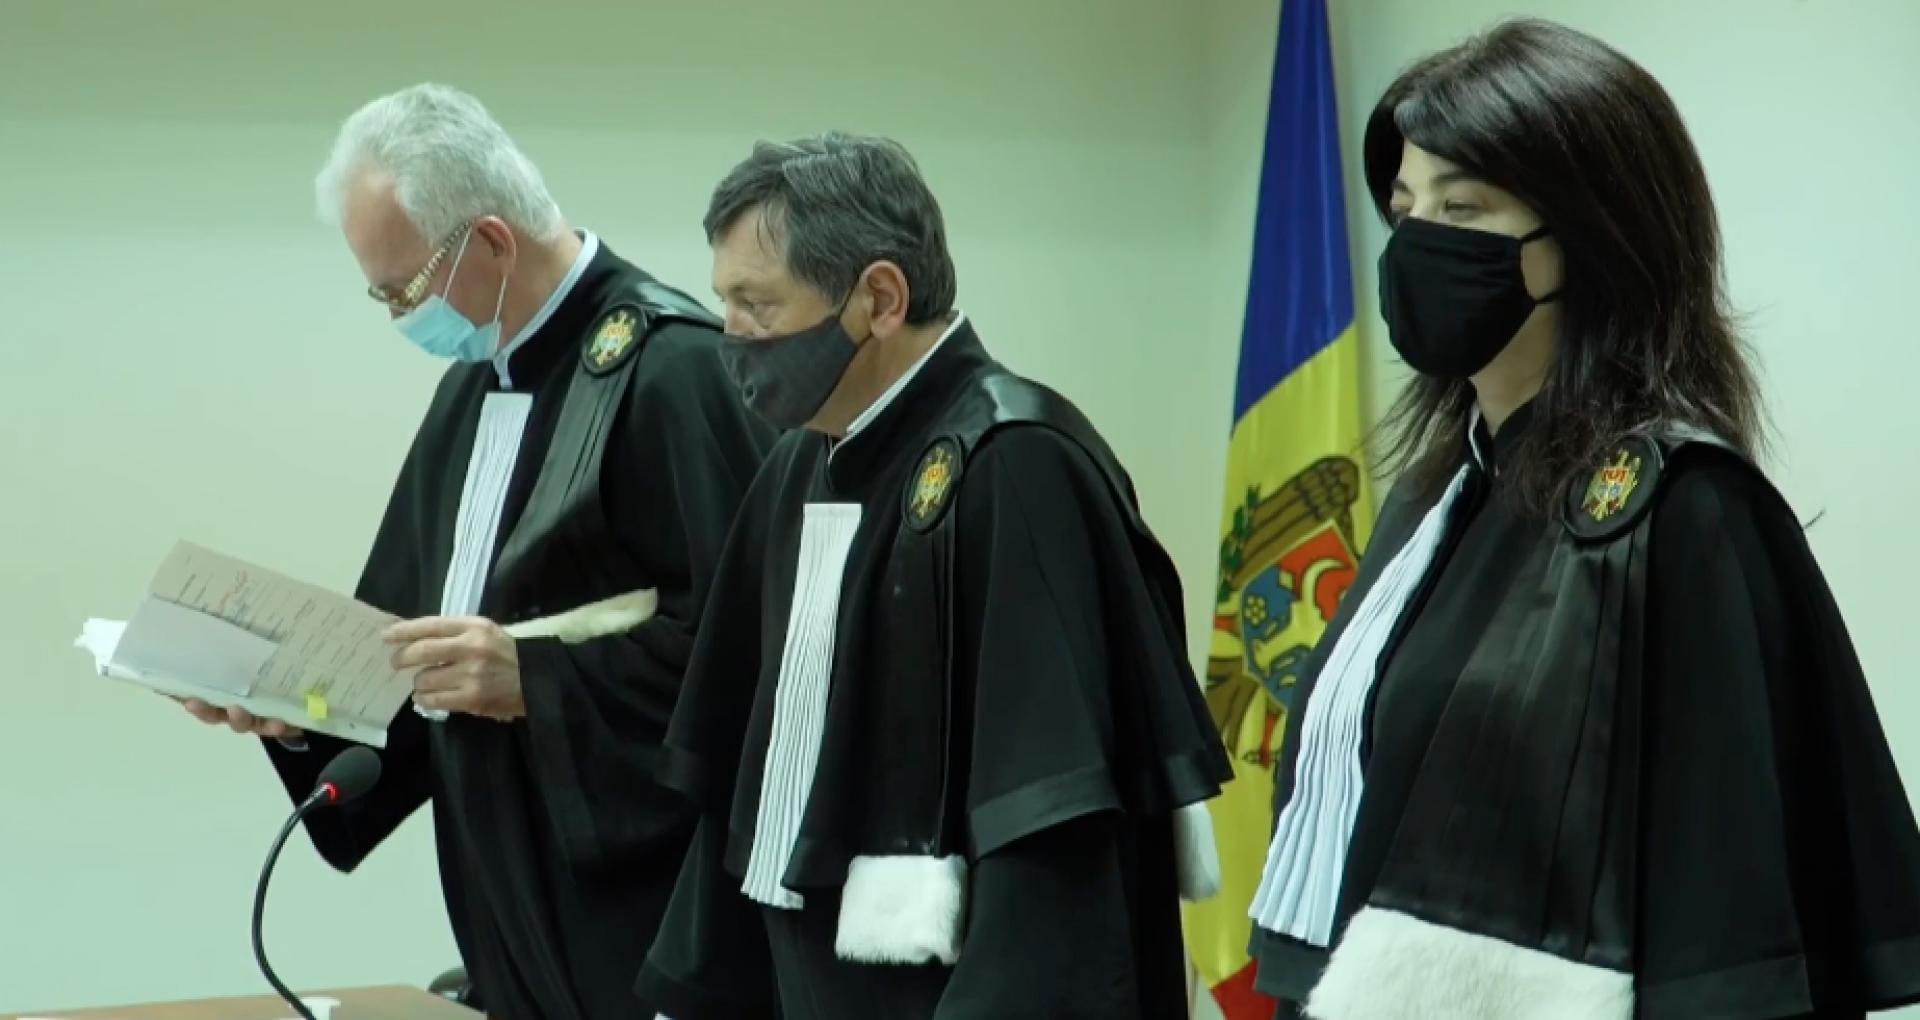 Ședința de la Curtea de Apel cu privire la numărul secțiilor de vot în străinătate continuă: în 6 ore au fost examinate și respinse două cereri de recuzare, iar acum continuă examinarea cauzei